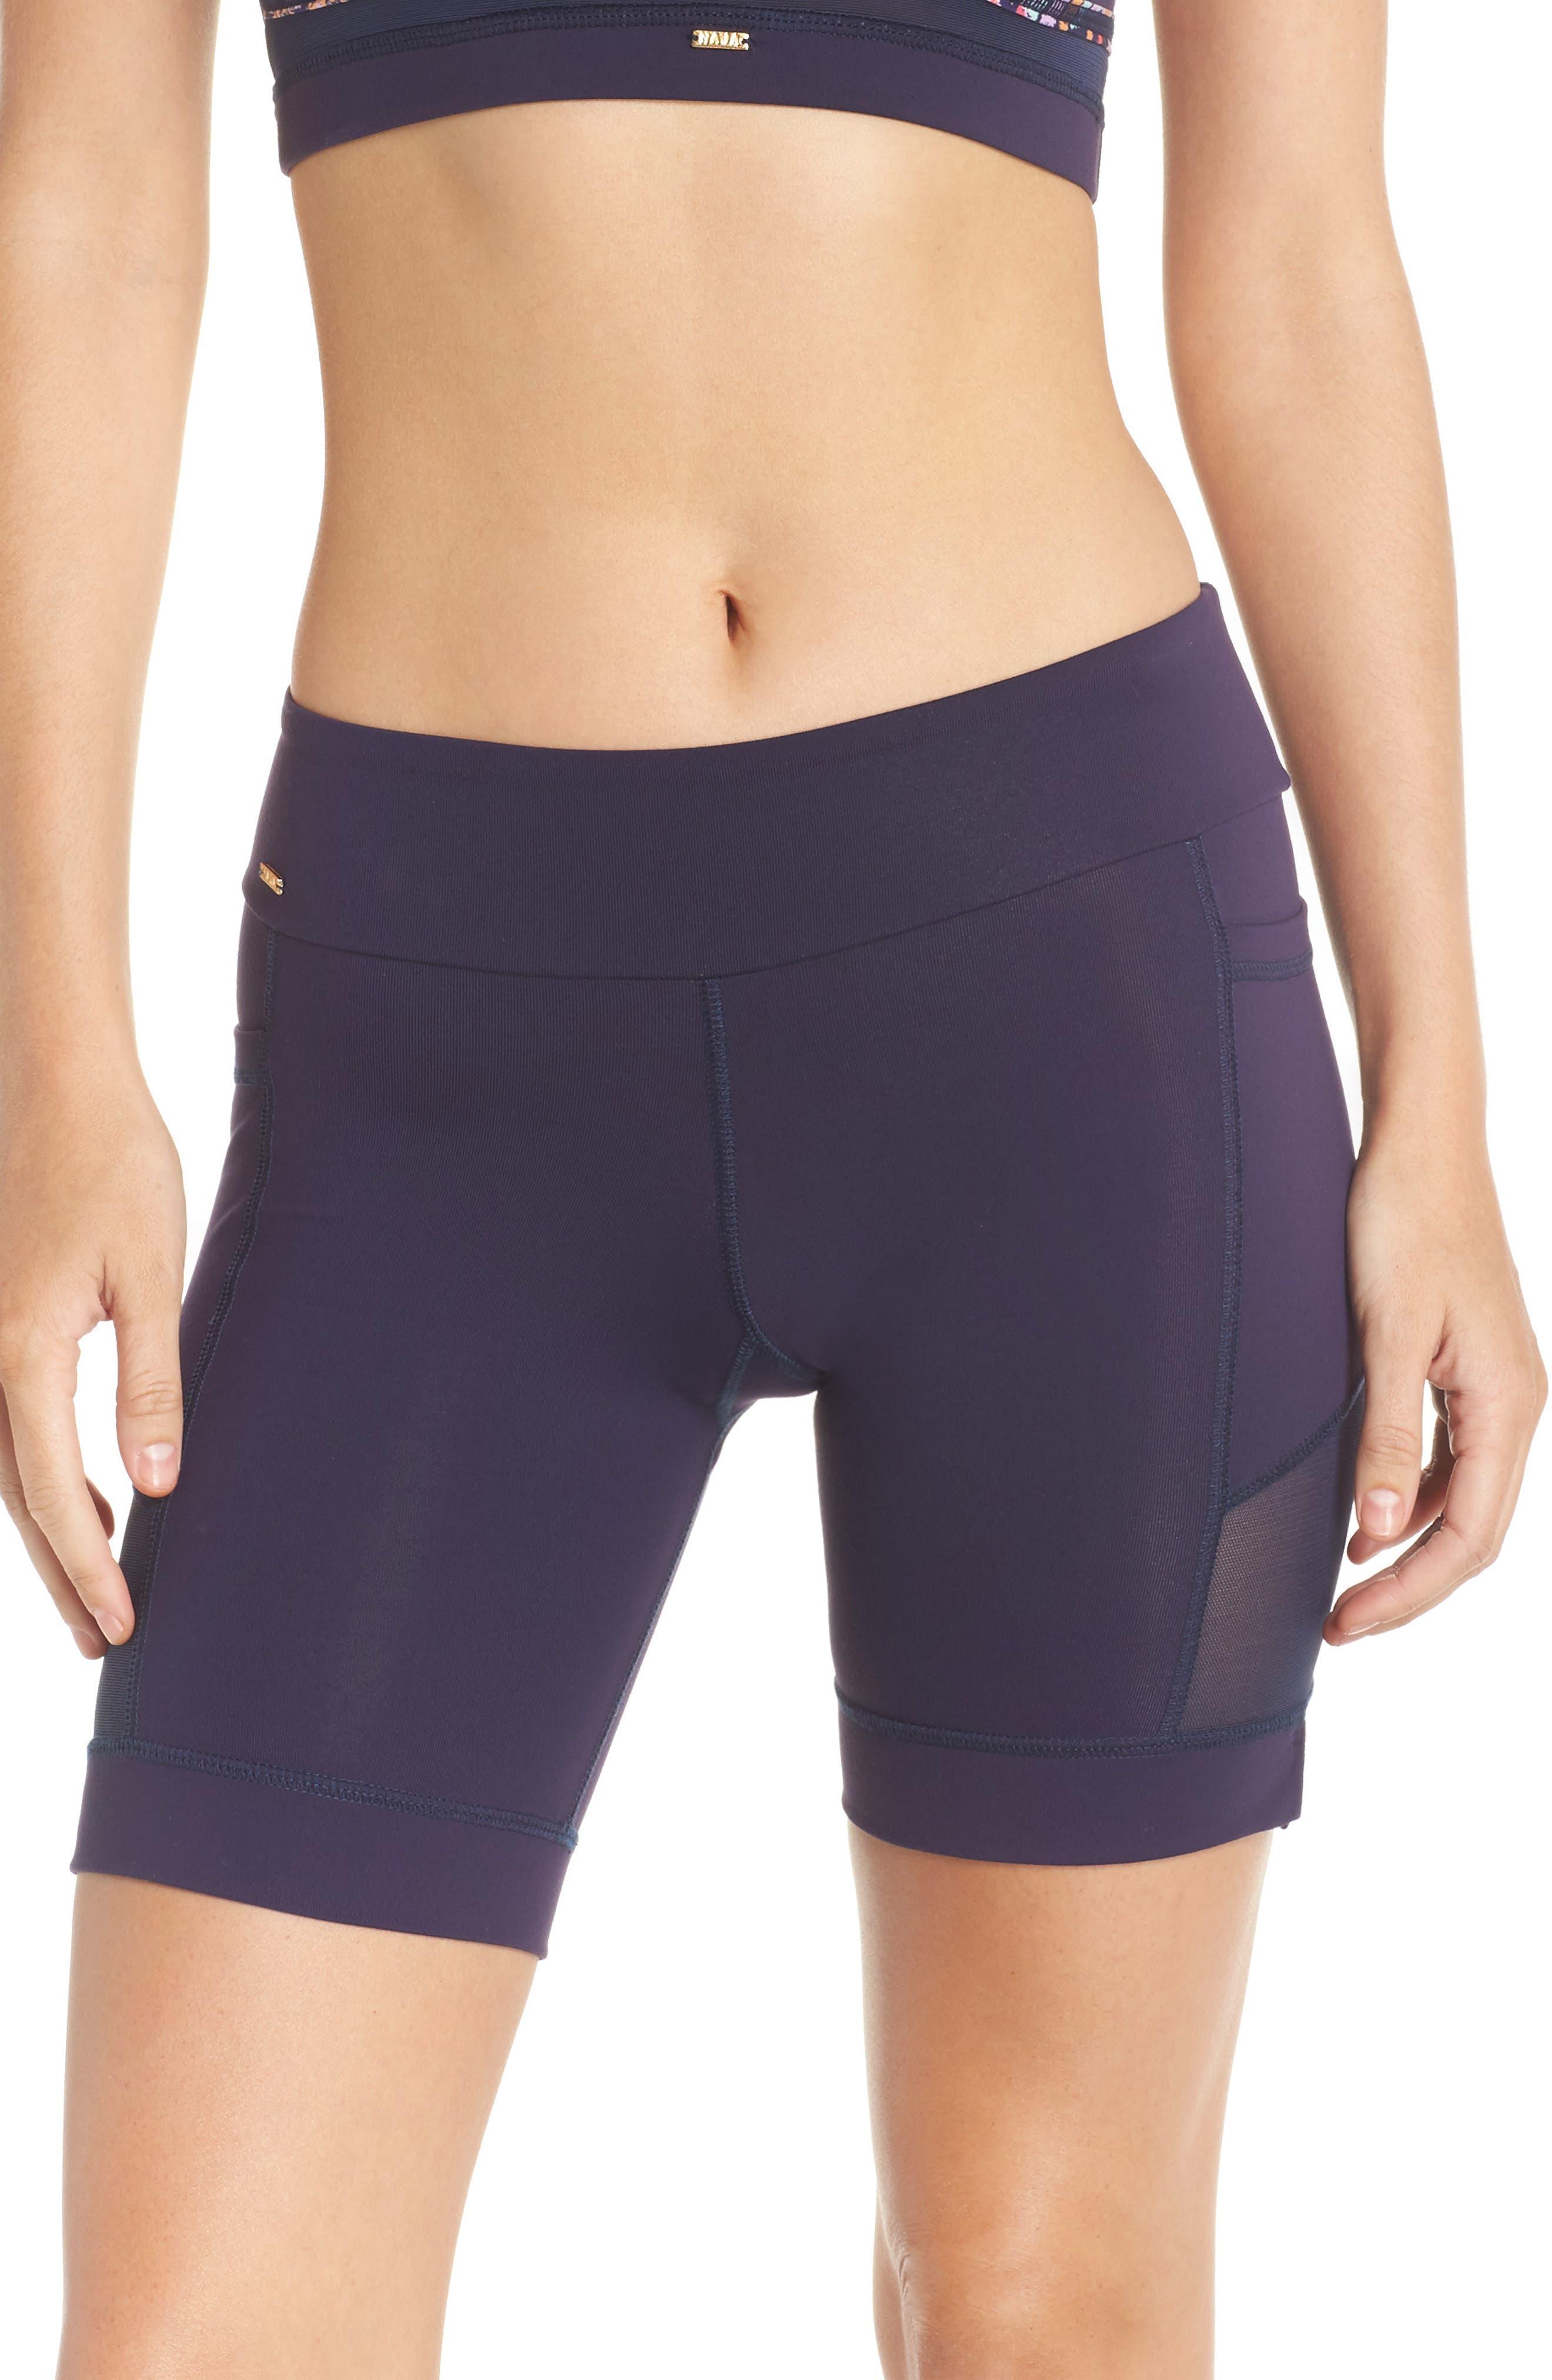 Nicole Active Shorts,                             Main thumbnail 1, color,                             Navy Mesh